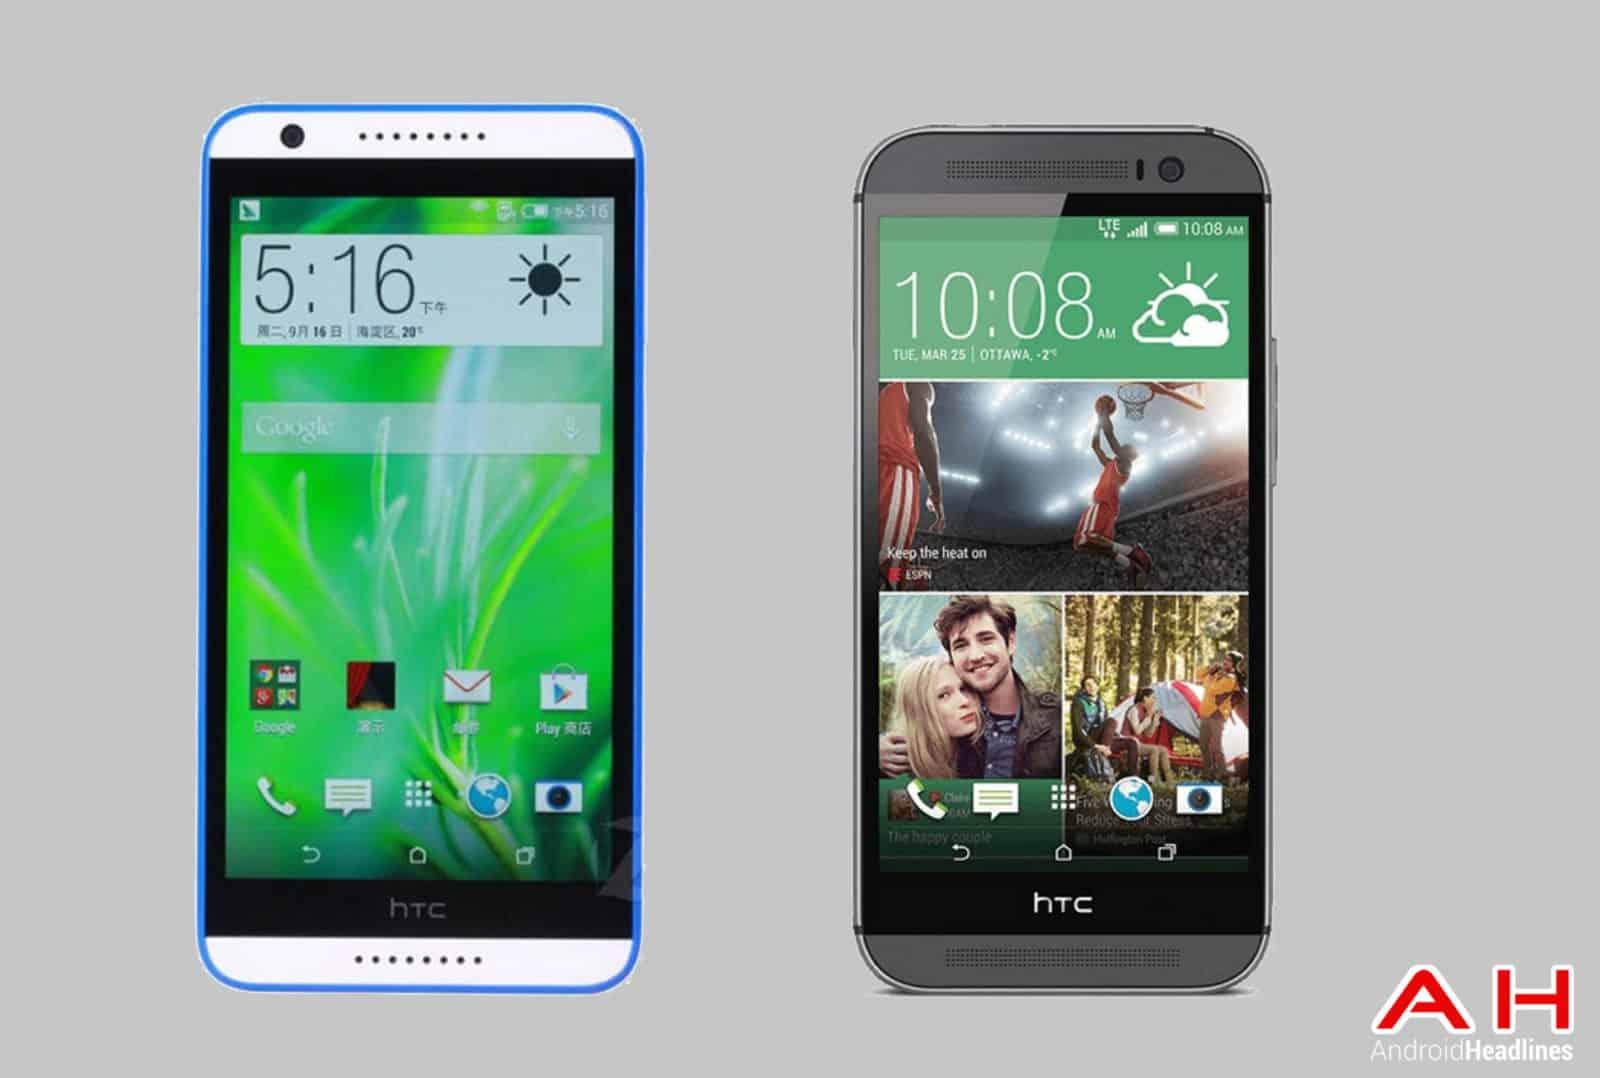 HTC Desire 820 vs HTC One M8 cam AH